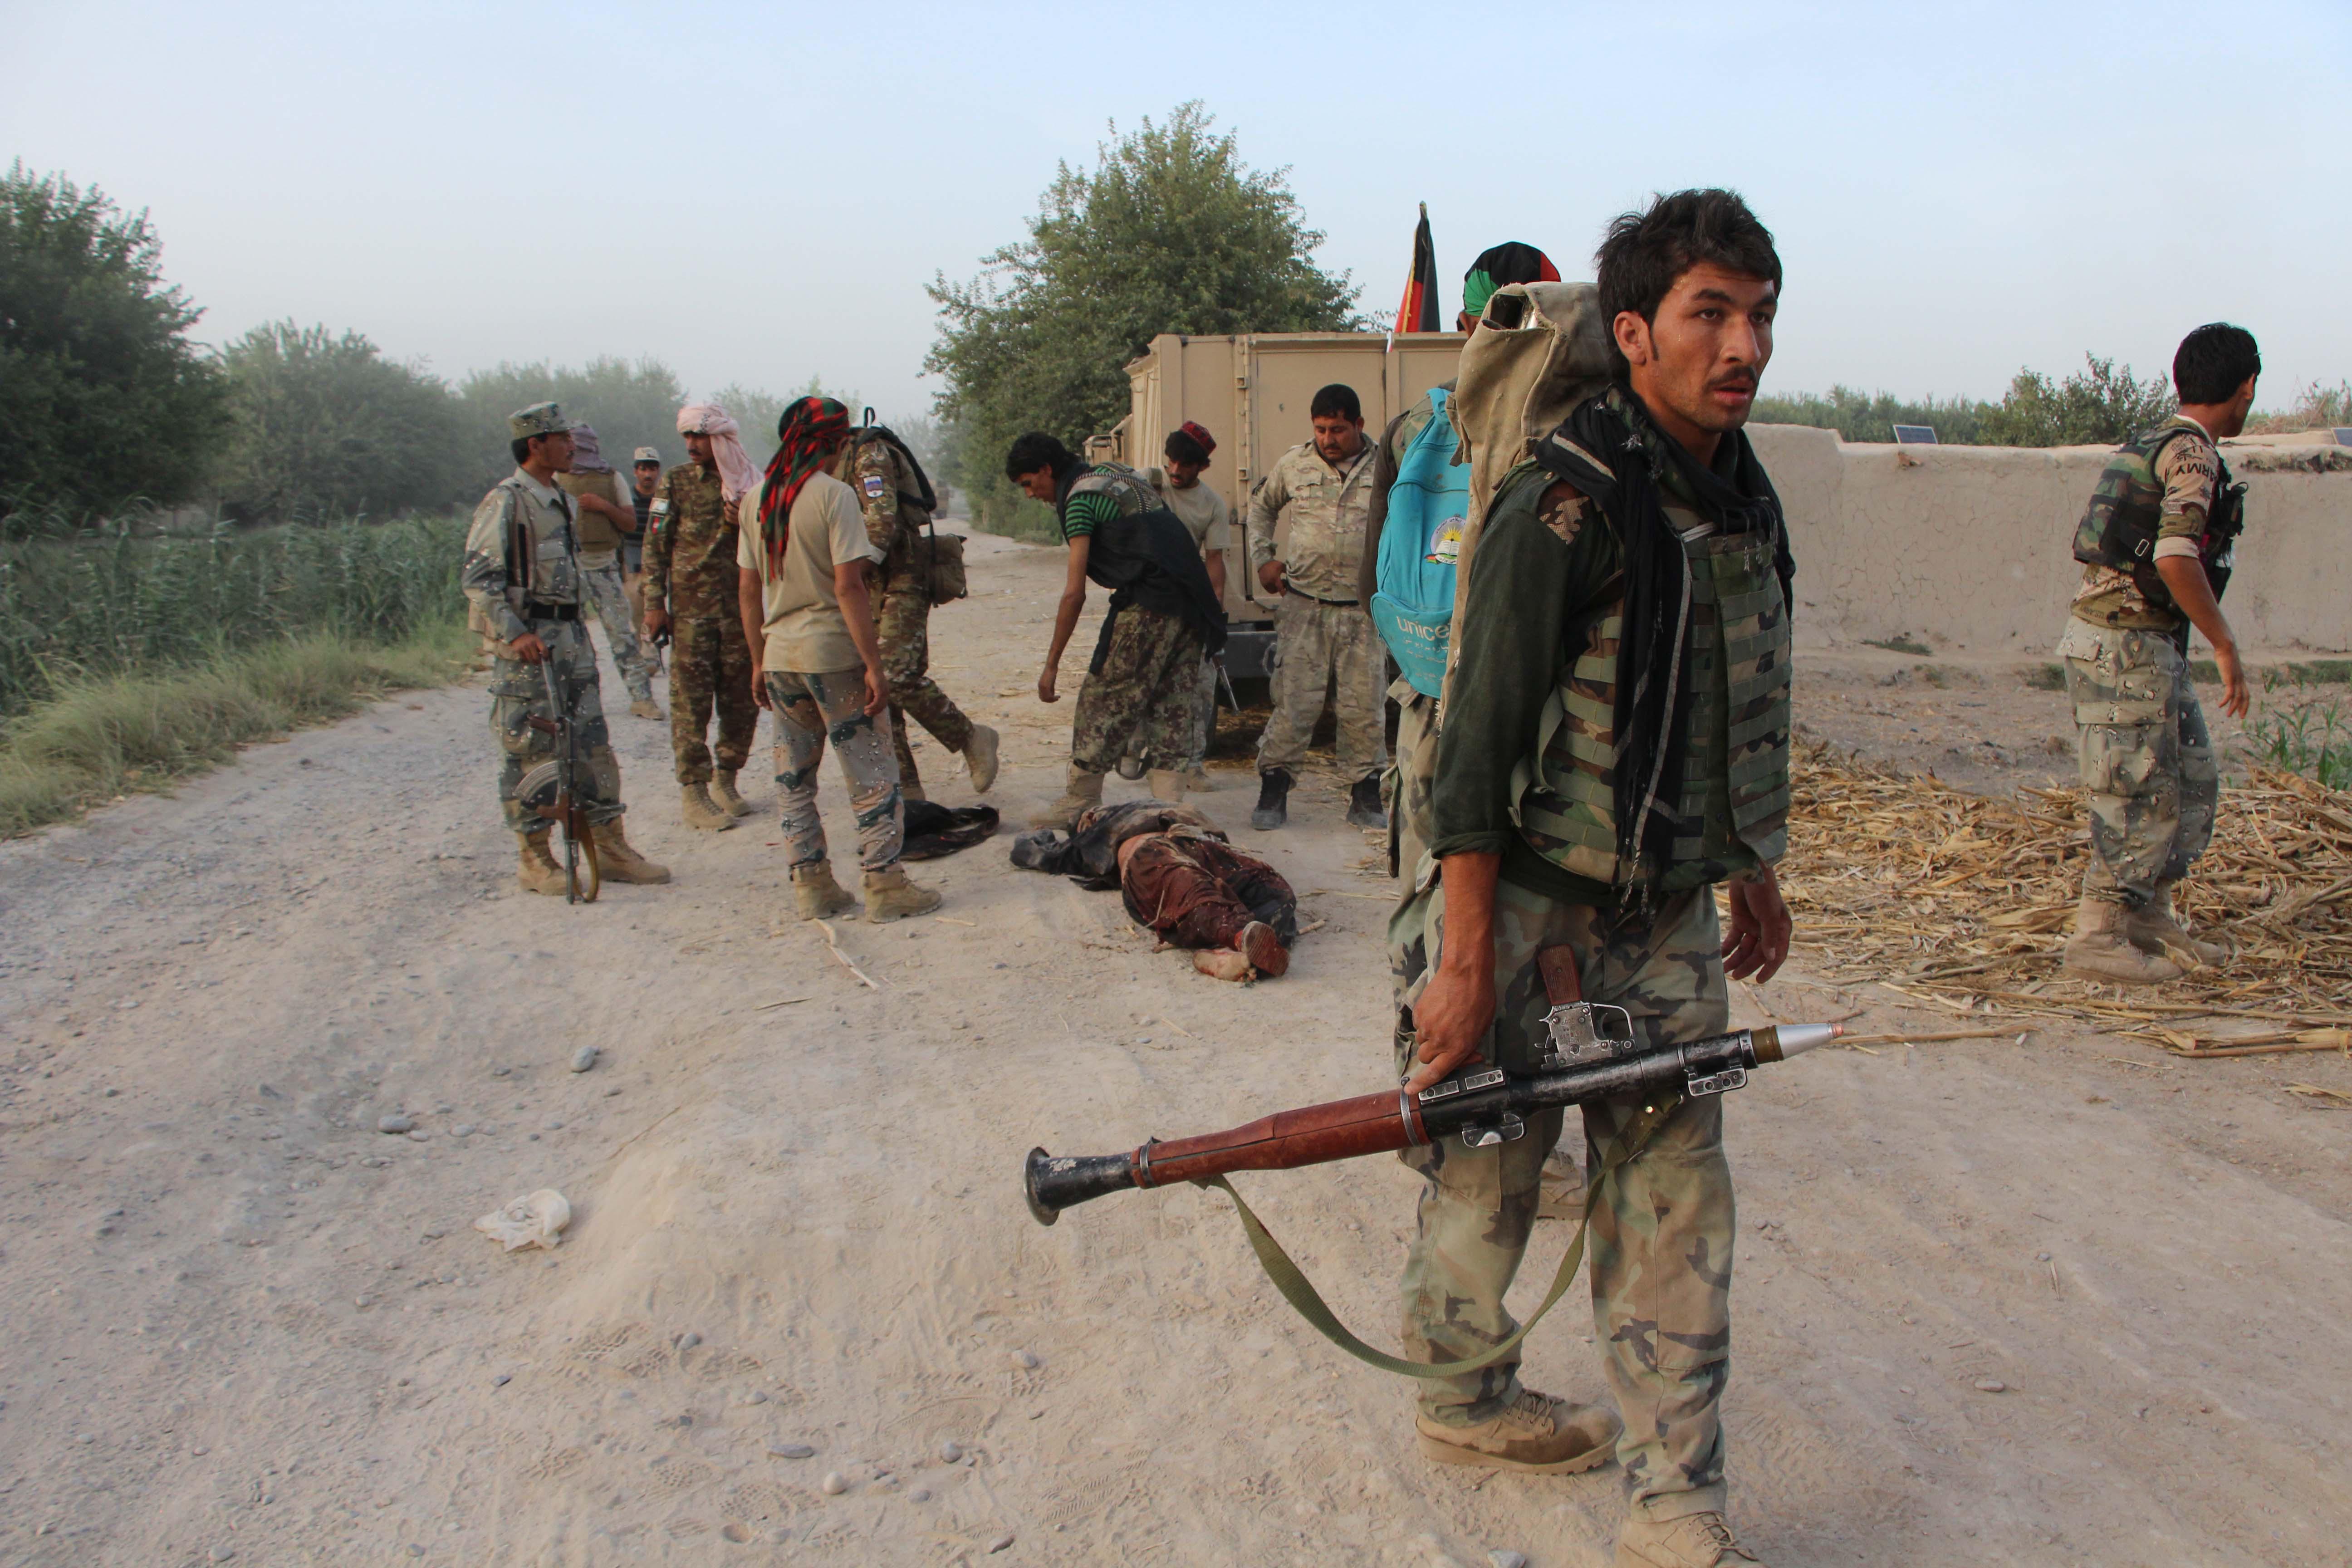 افغانستان میں عسکریت پسندوں کو دھوکے سے یقین دلایا گیا کہ ان کا مقصد درست ہے